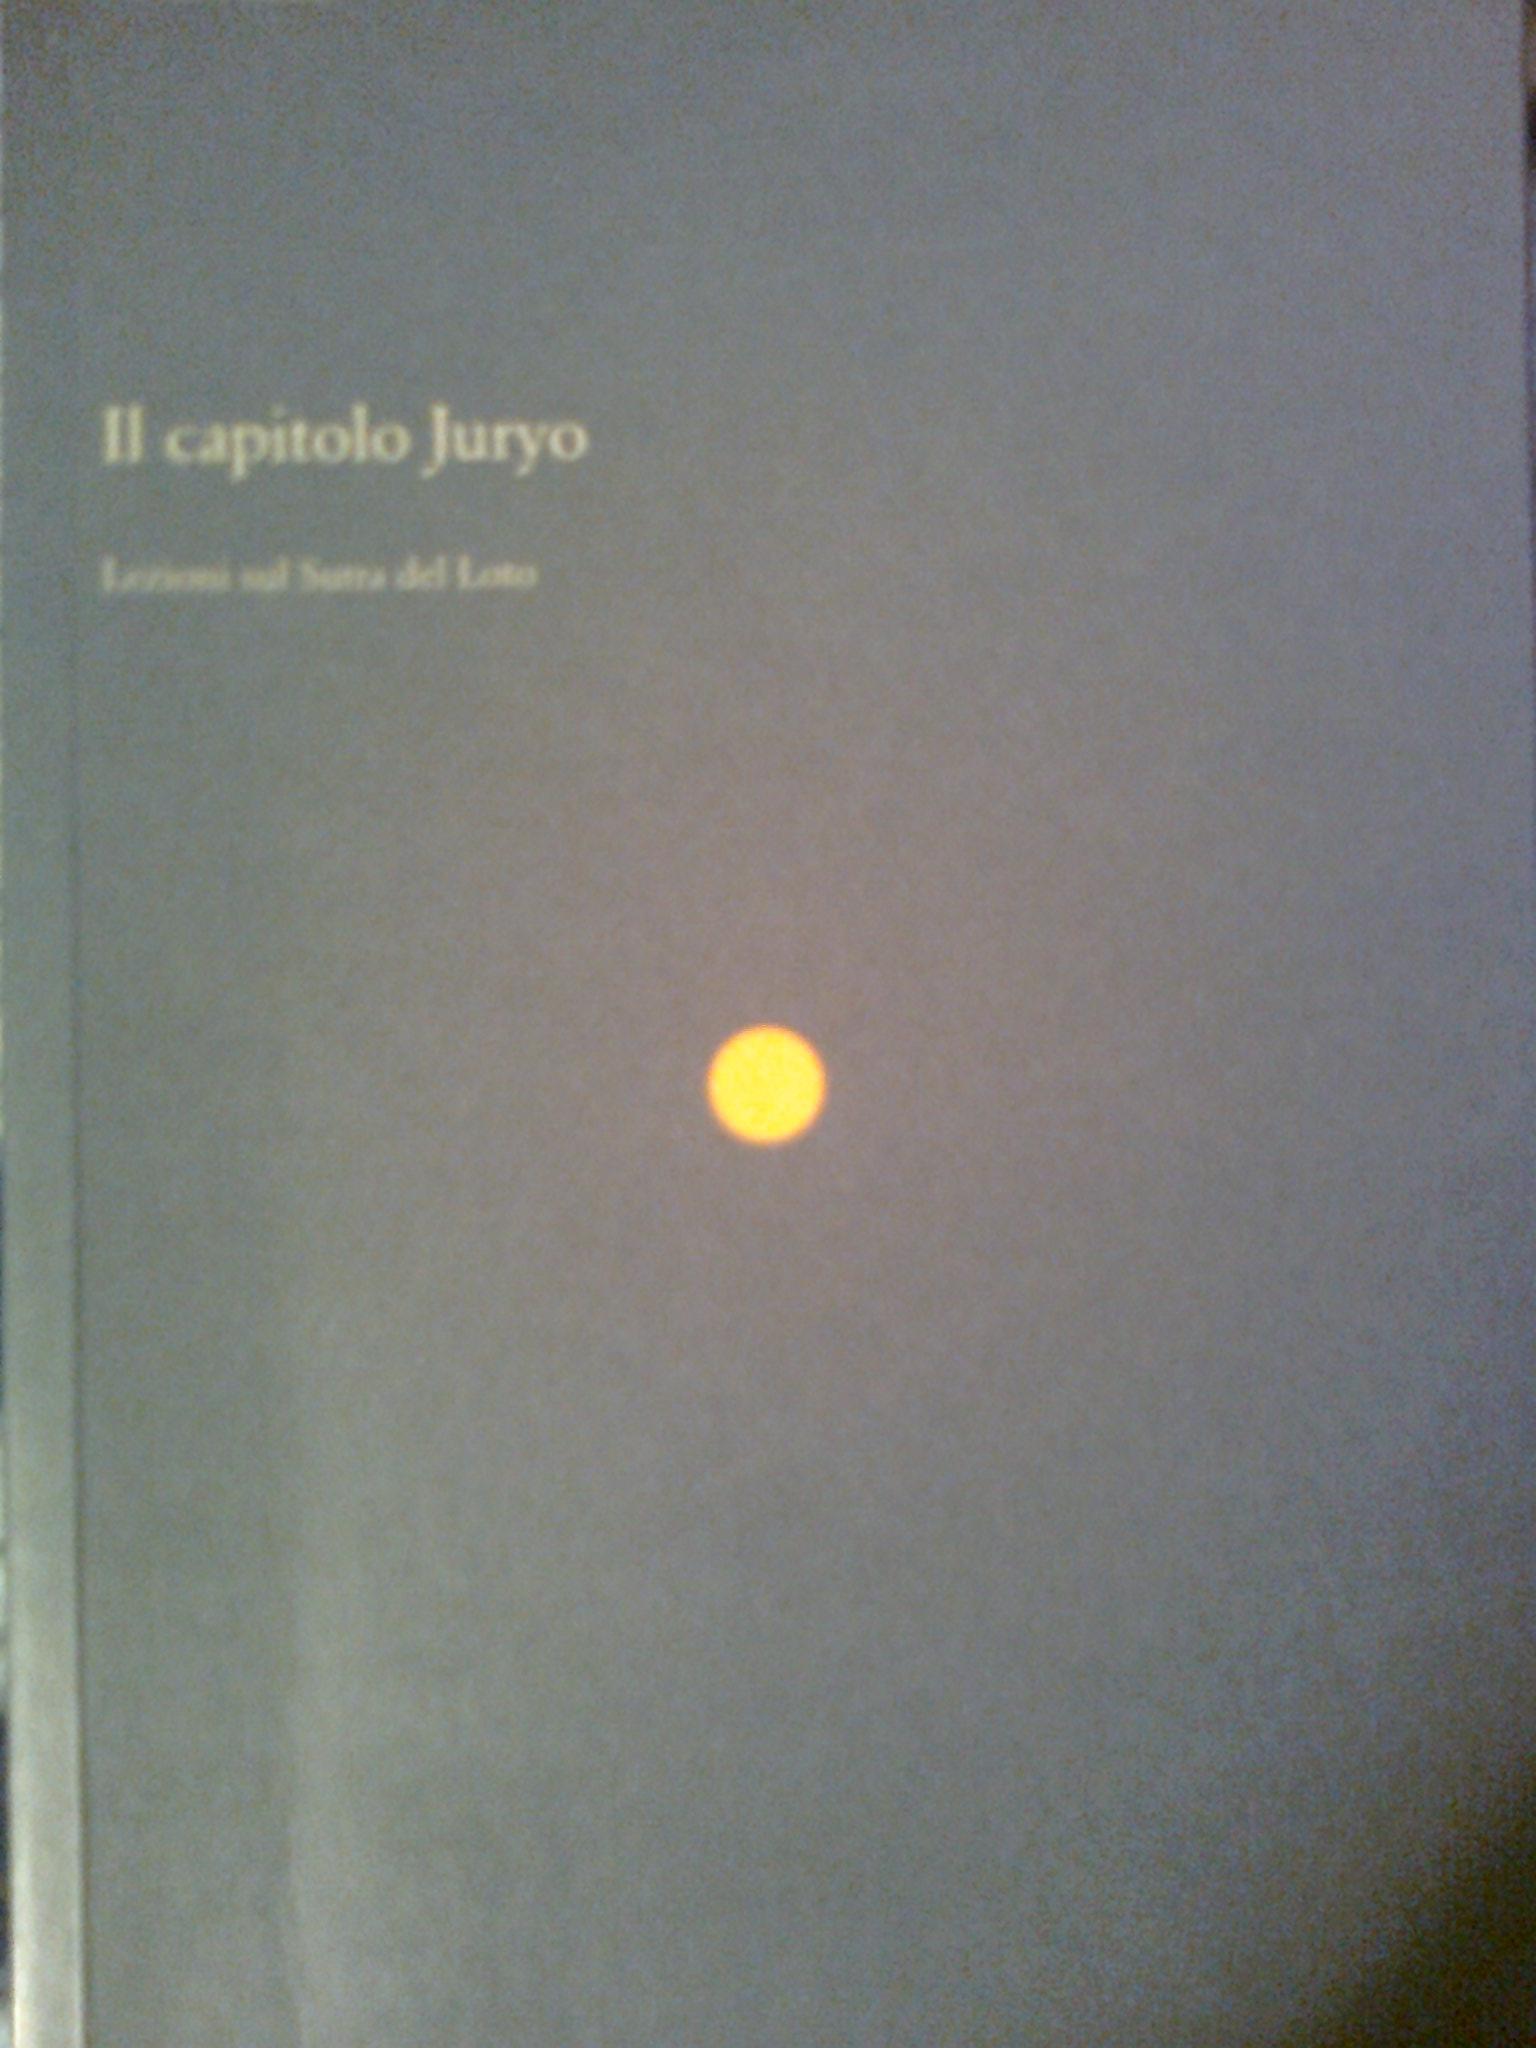 Il capitolo Juryo